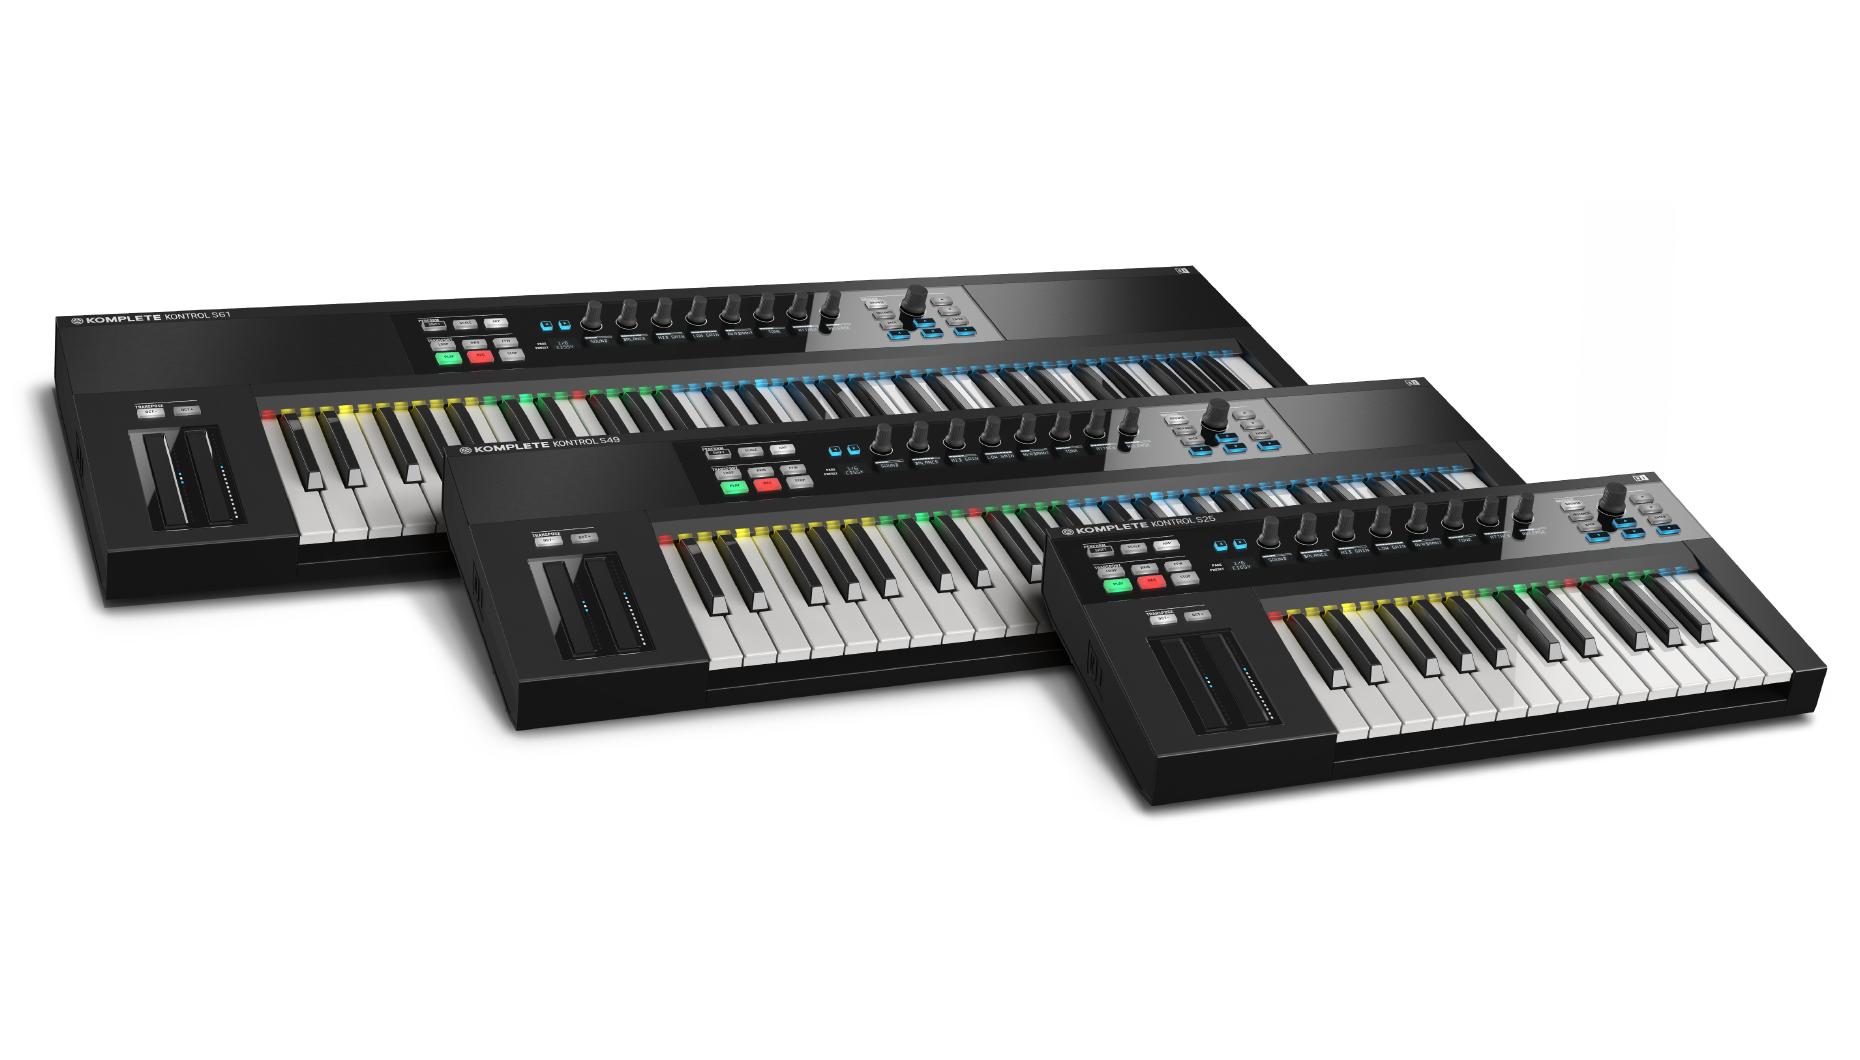 komplete keyboards komplete kontrol s series products. Black Bedroom Furniture Sets. Home Design Ideas